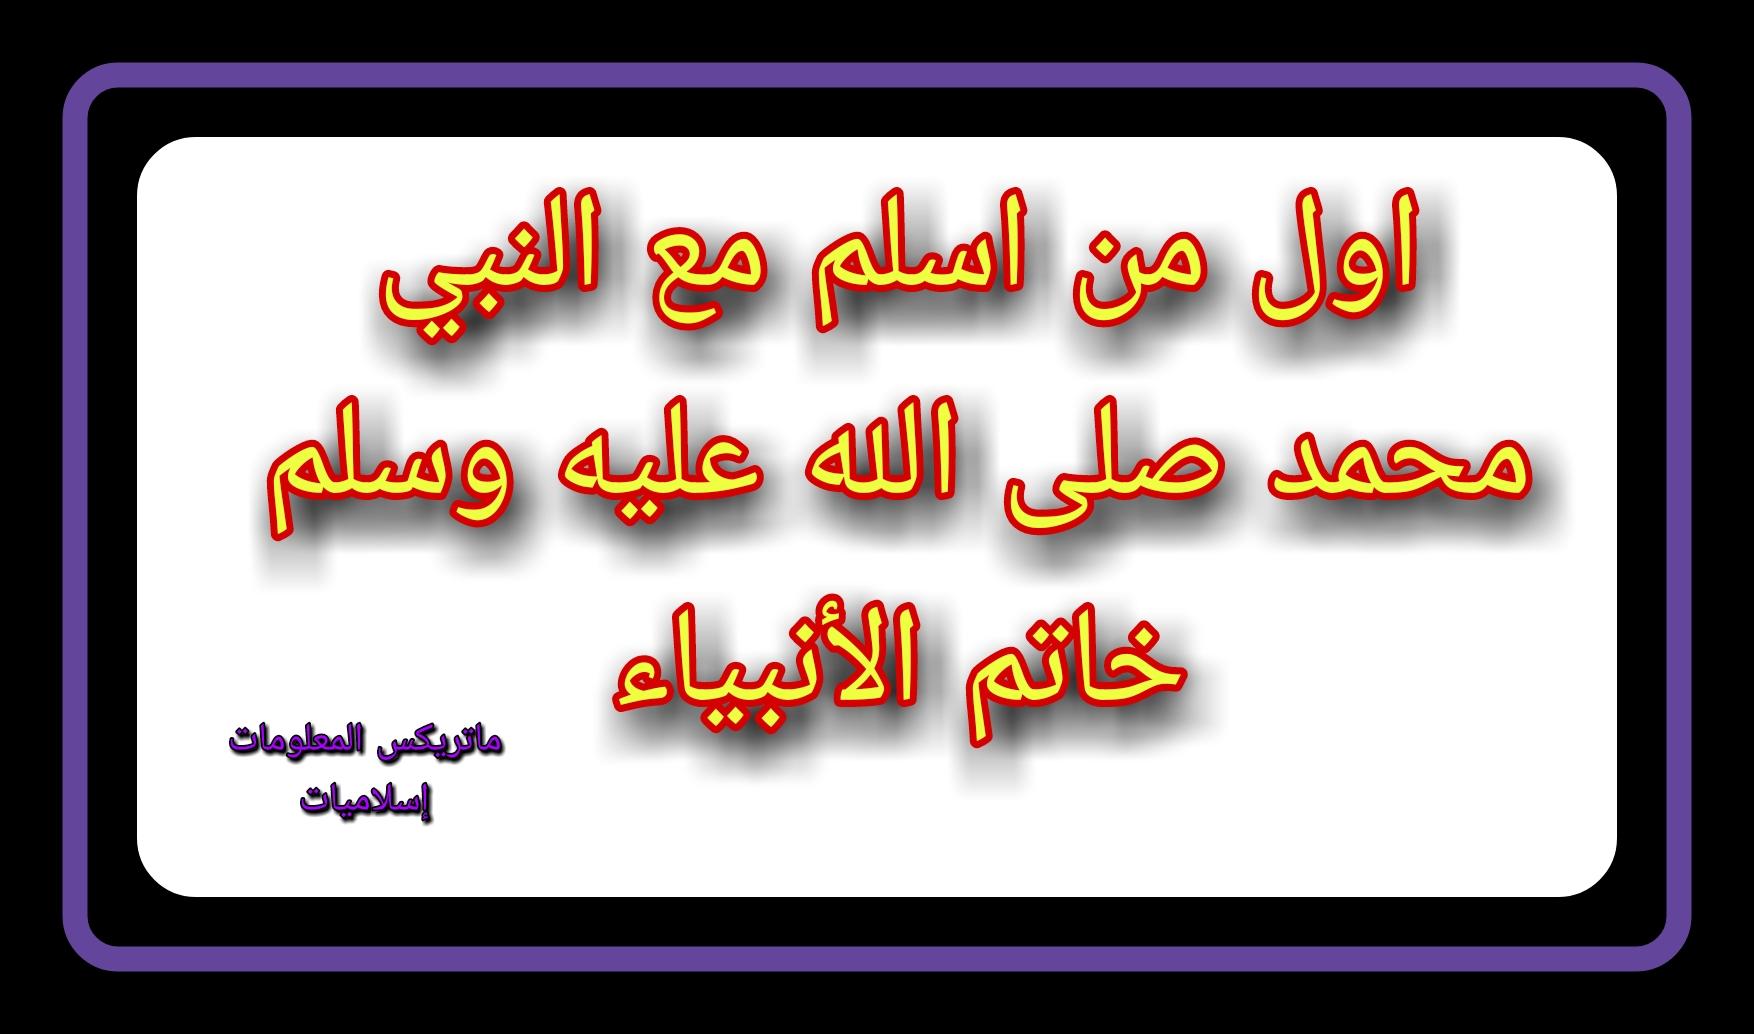 اول من اسلم على يد الرسول صلى الله عليه وسلم   أول من أسلم من الرجال